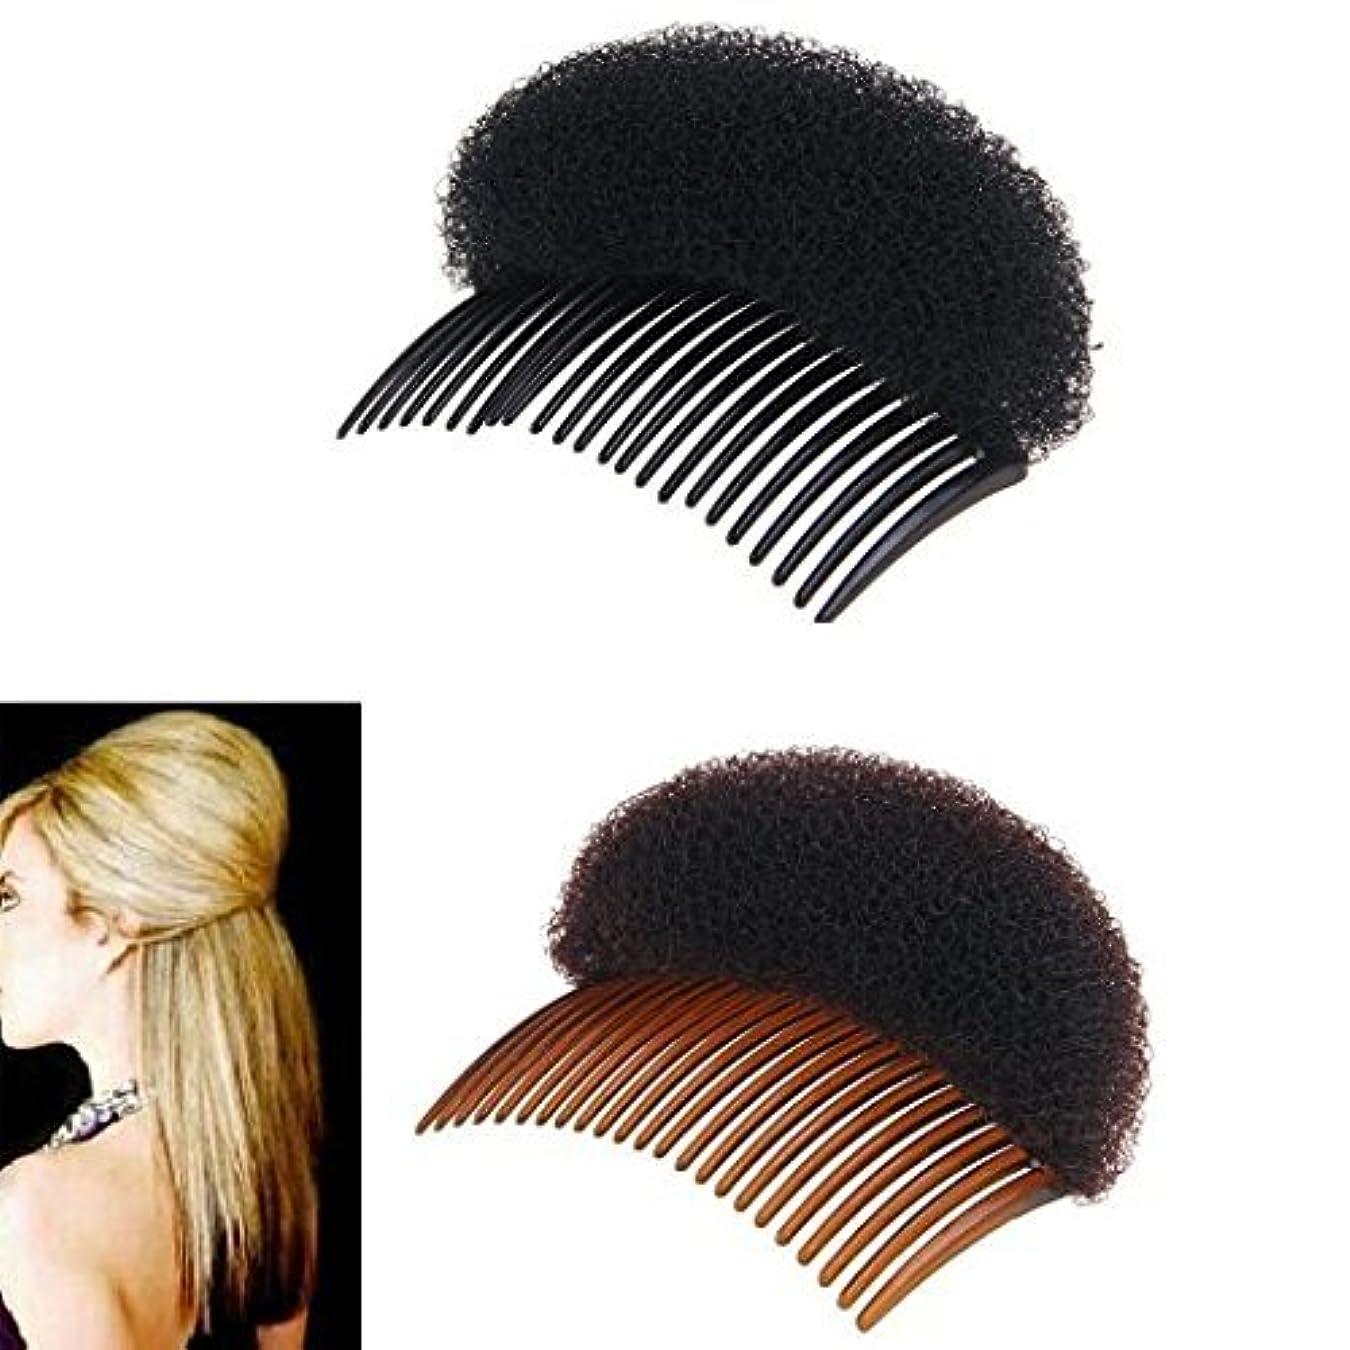 ゴルフ複雑切り離す2Pices(1Black+1Brown) Women Bump It Up Volume Hair Base Styling Clip Stick Bum Maker Braid Insert Tool Do Beehive...